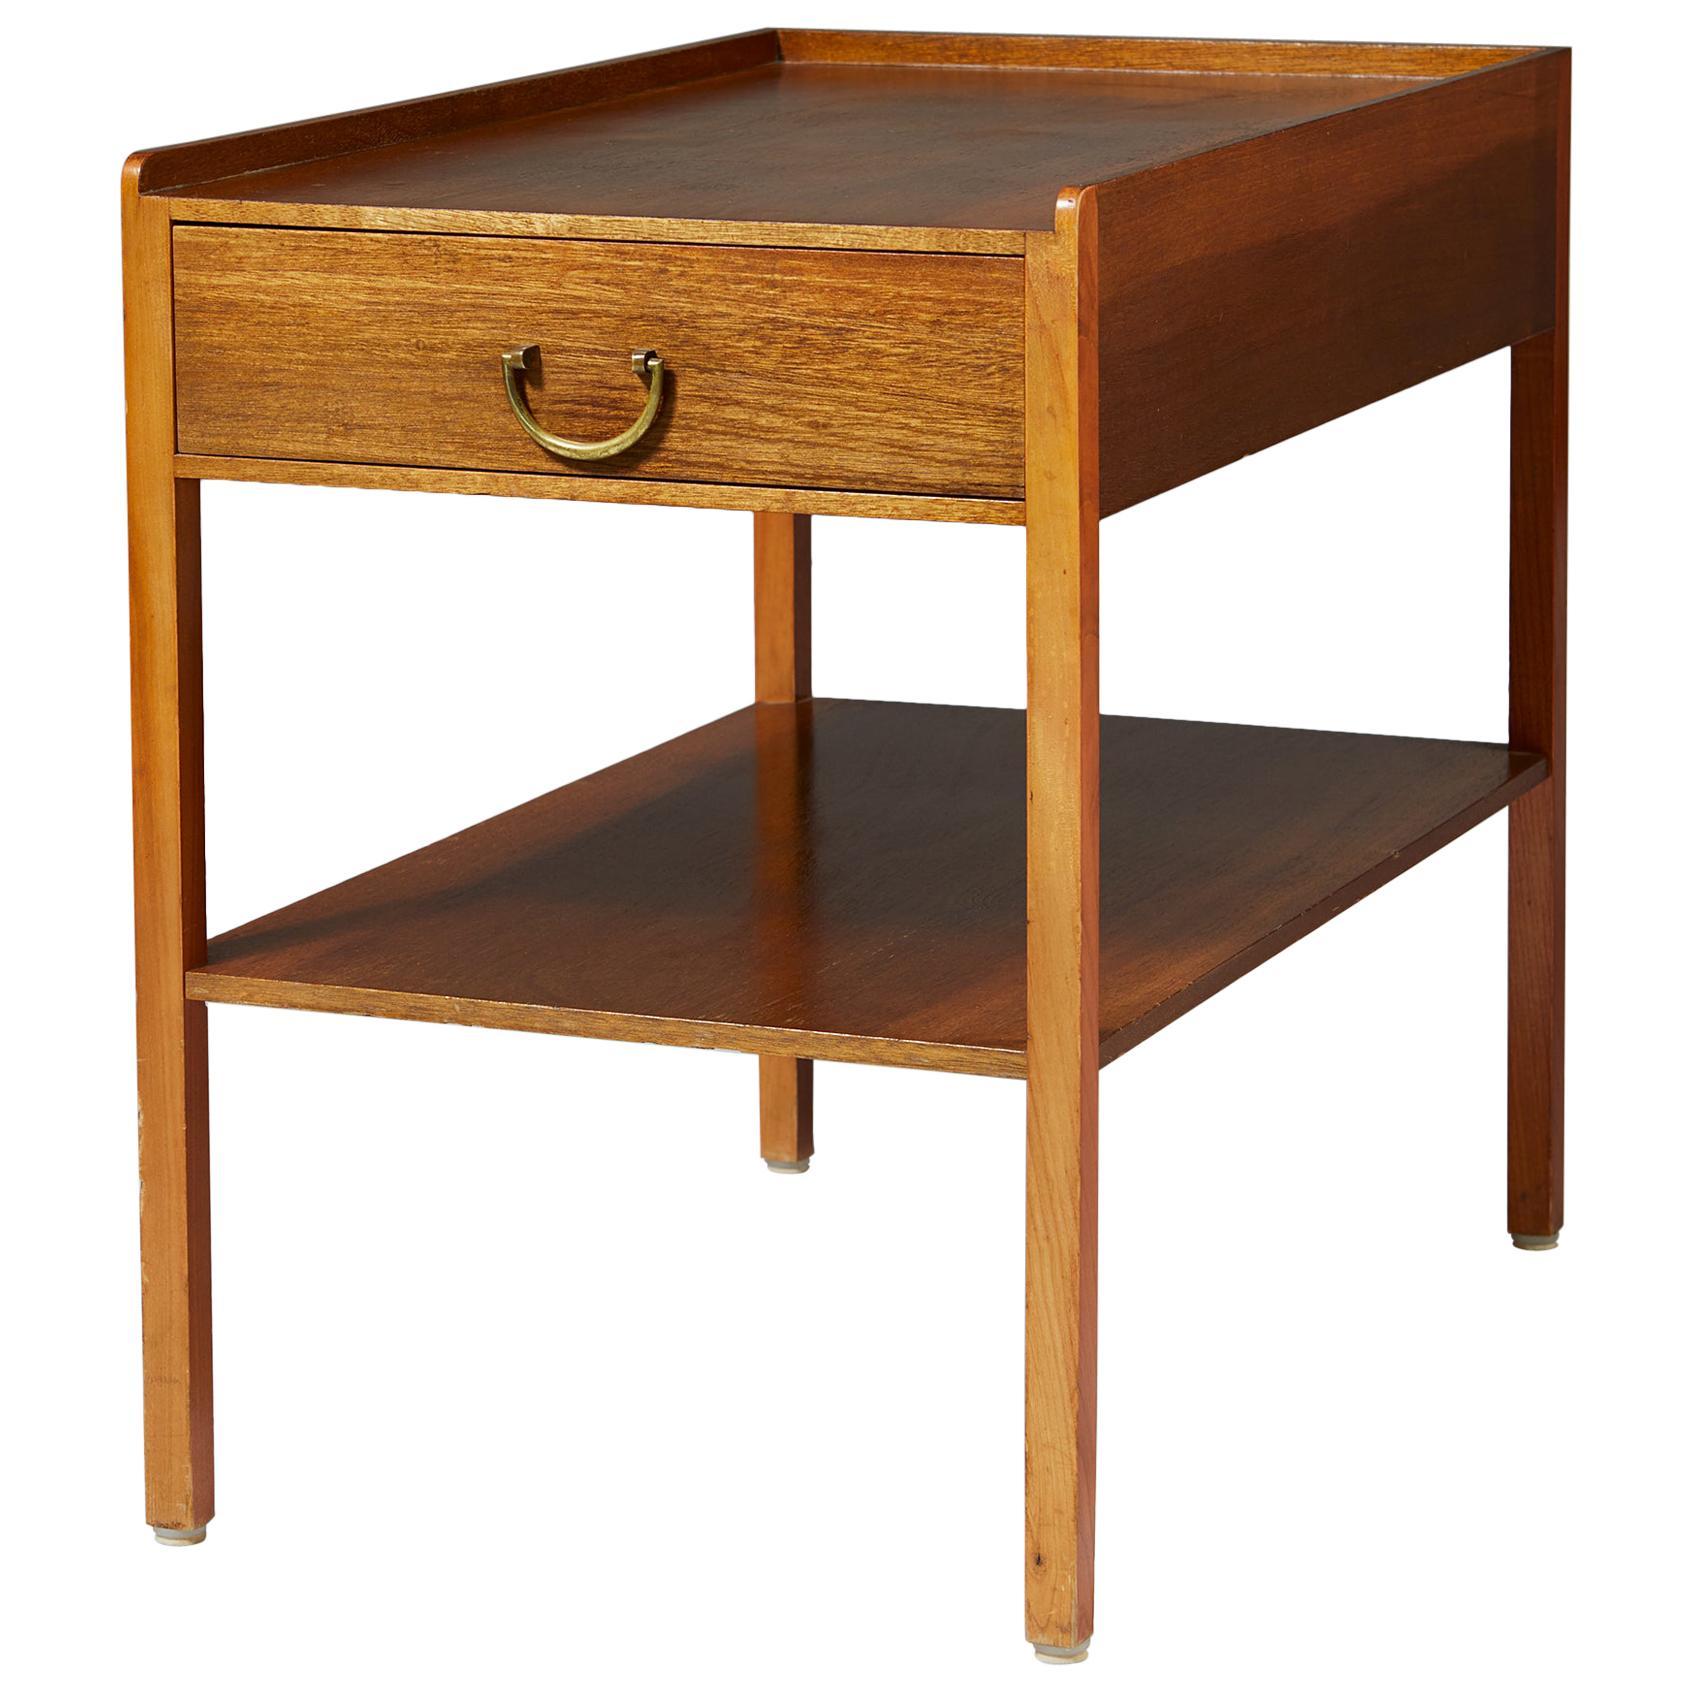 Bedside Table Model 914 Designed by Josef Frank for Svenskt Tenn, Sweden, 1950